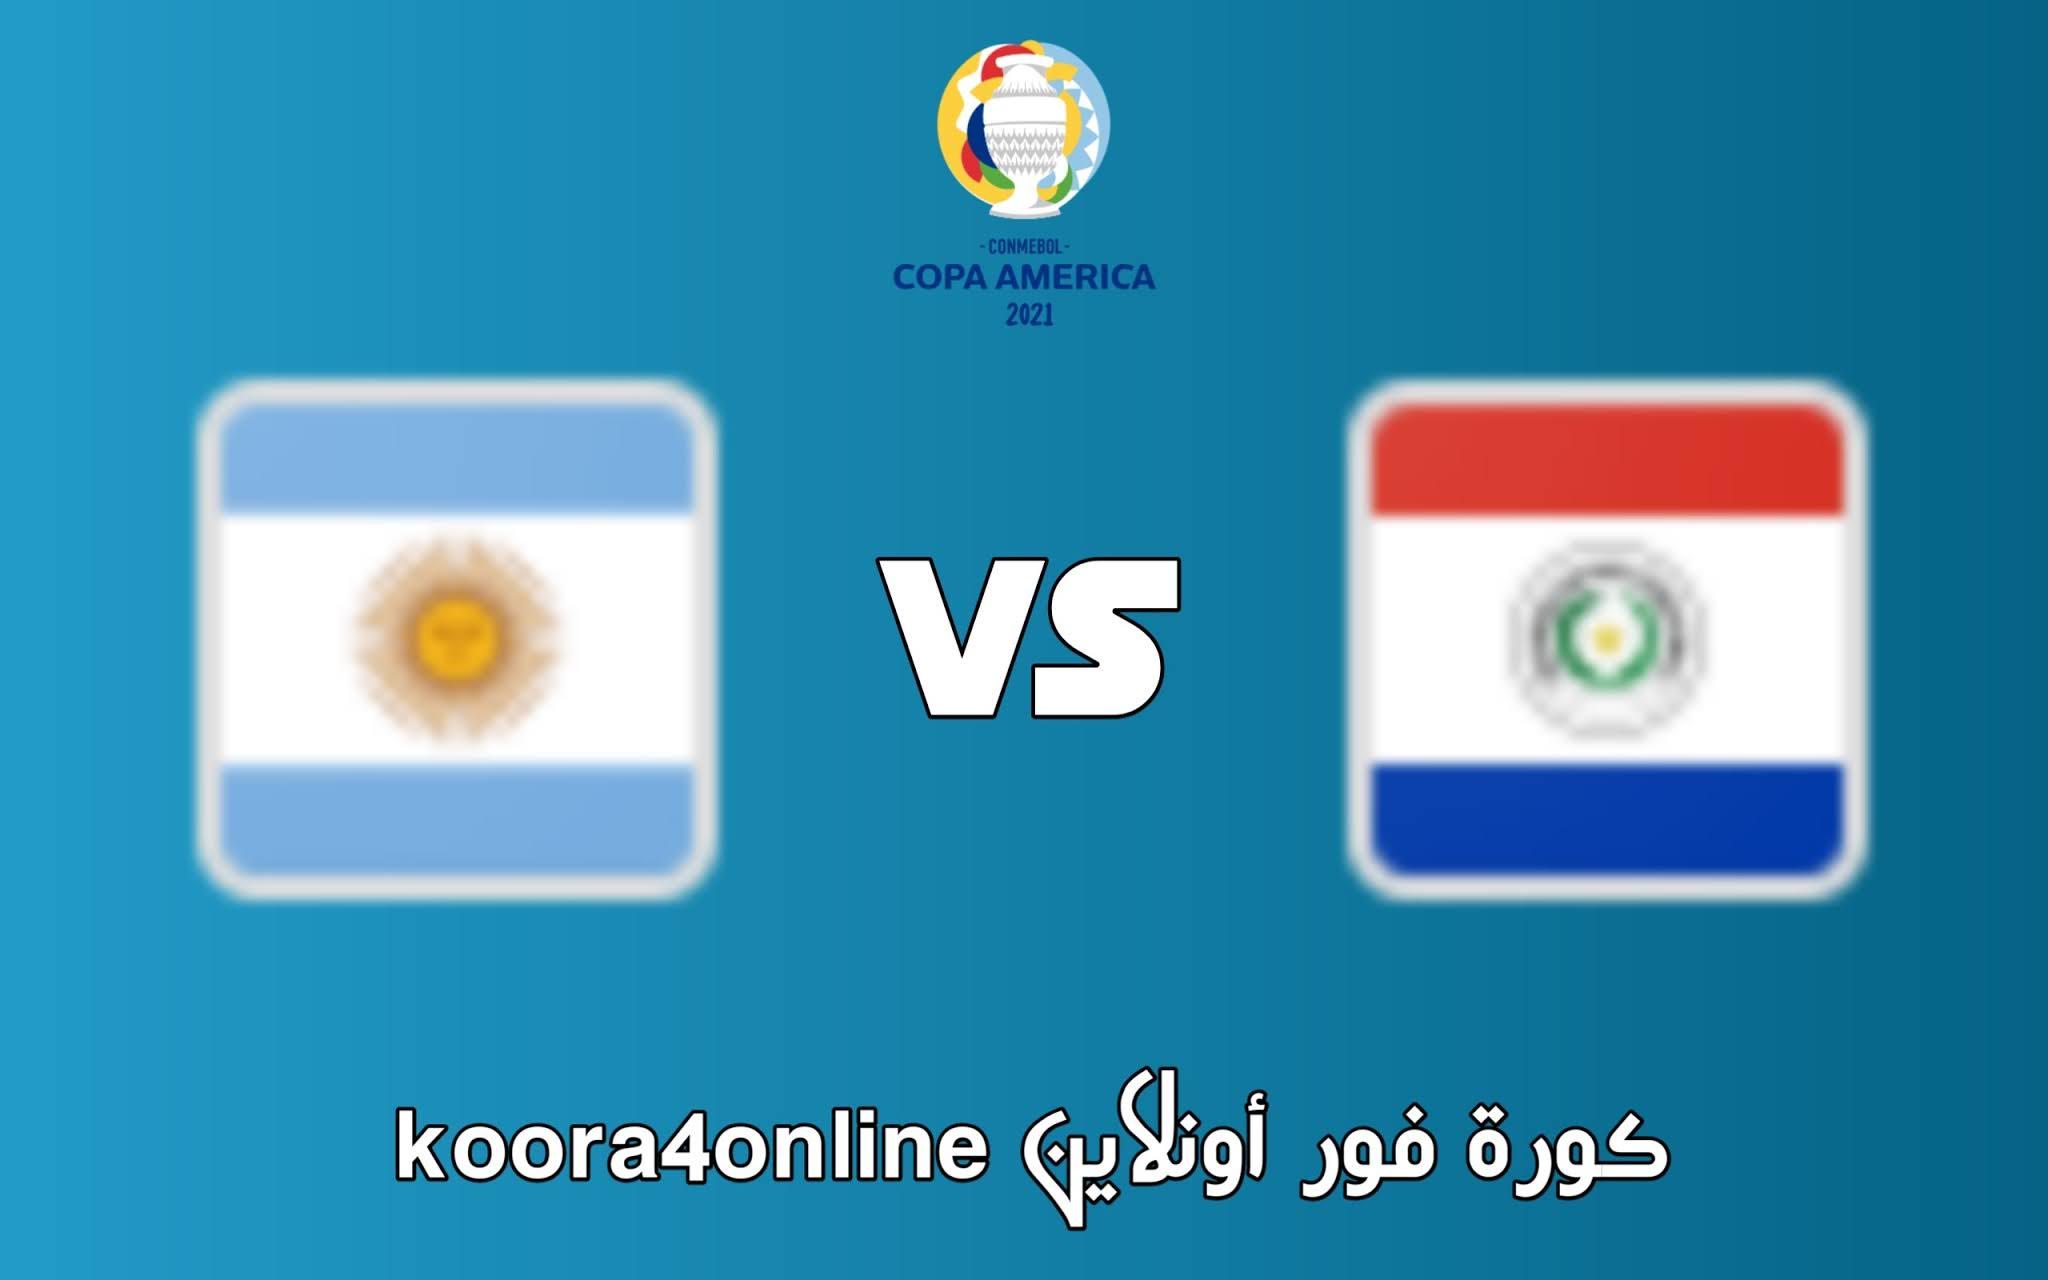 مشاهدة مباراة الأرجنتين  و باراجواي  اليوم 22-06-2021 في في كوبا أمريكا